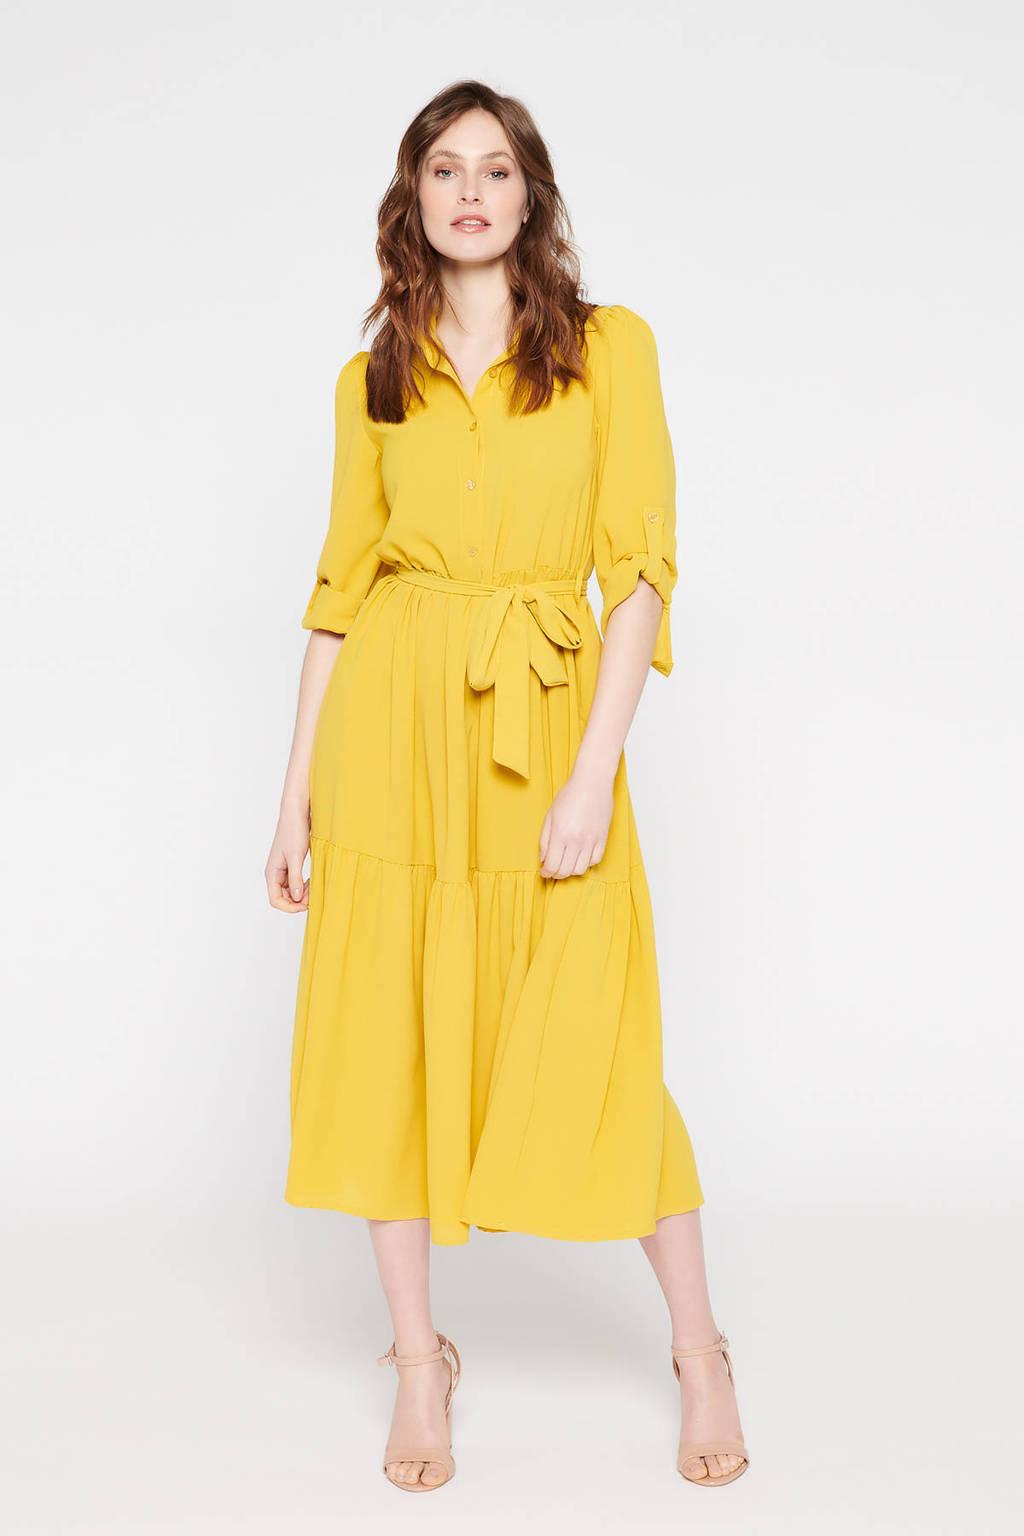 LOLALIZA blousejurk met ceintuur geel, Geel